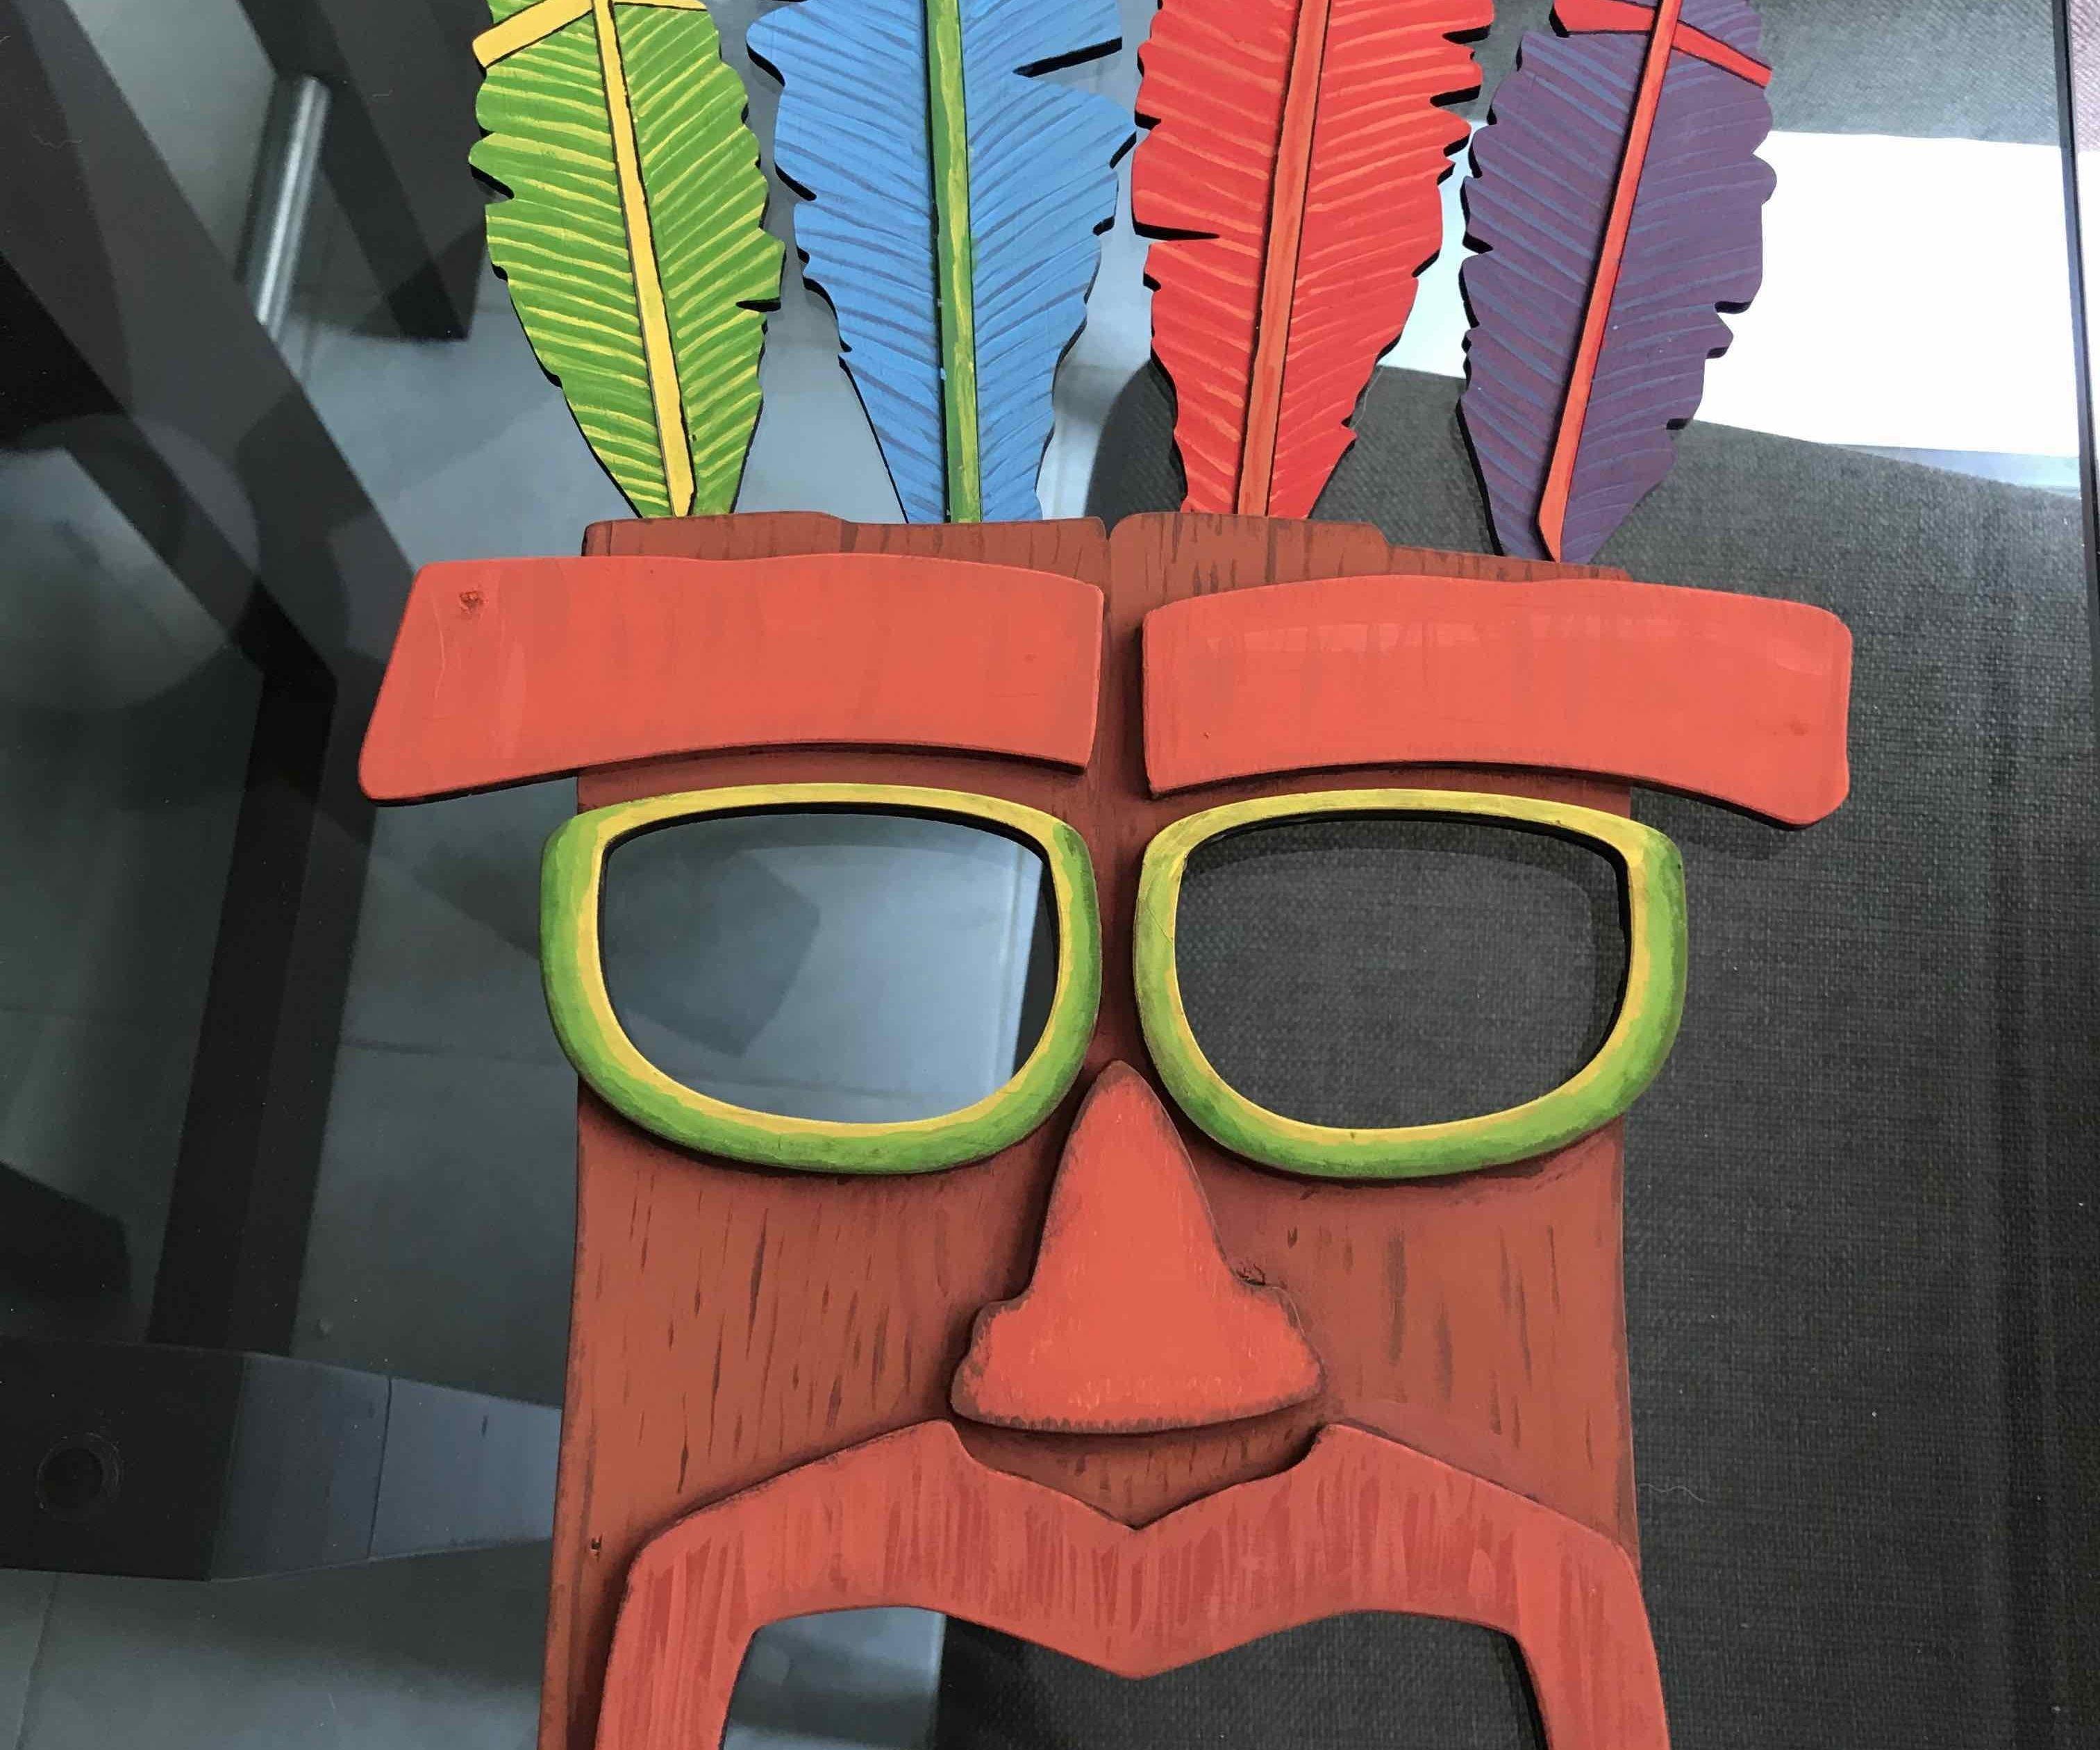 Aku Aku Mask Crash Bandicoot